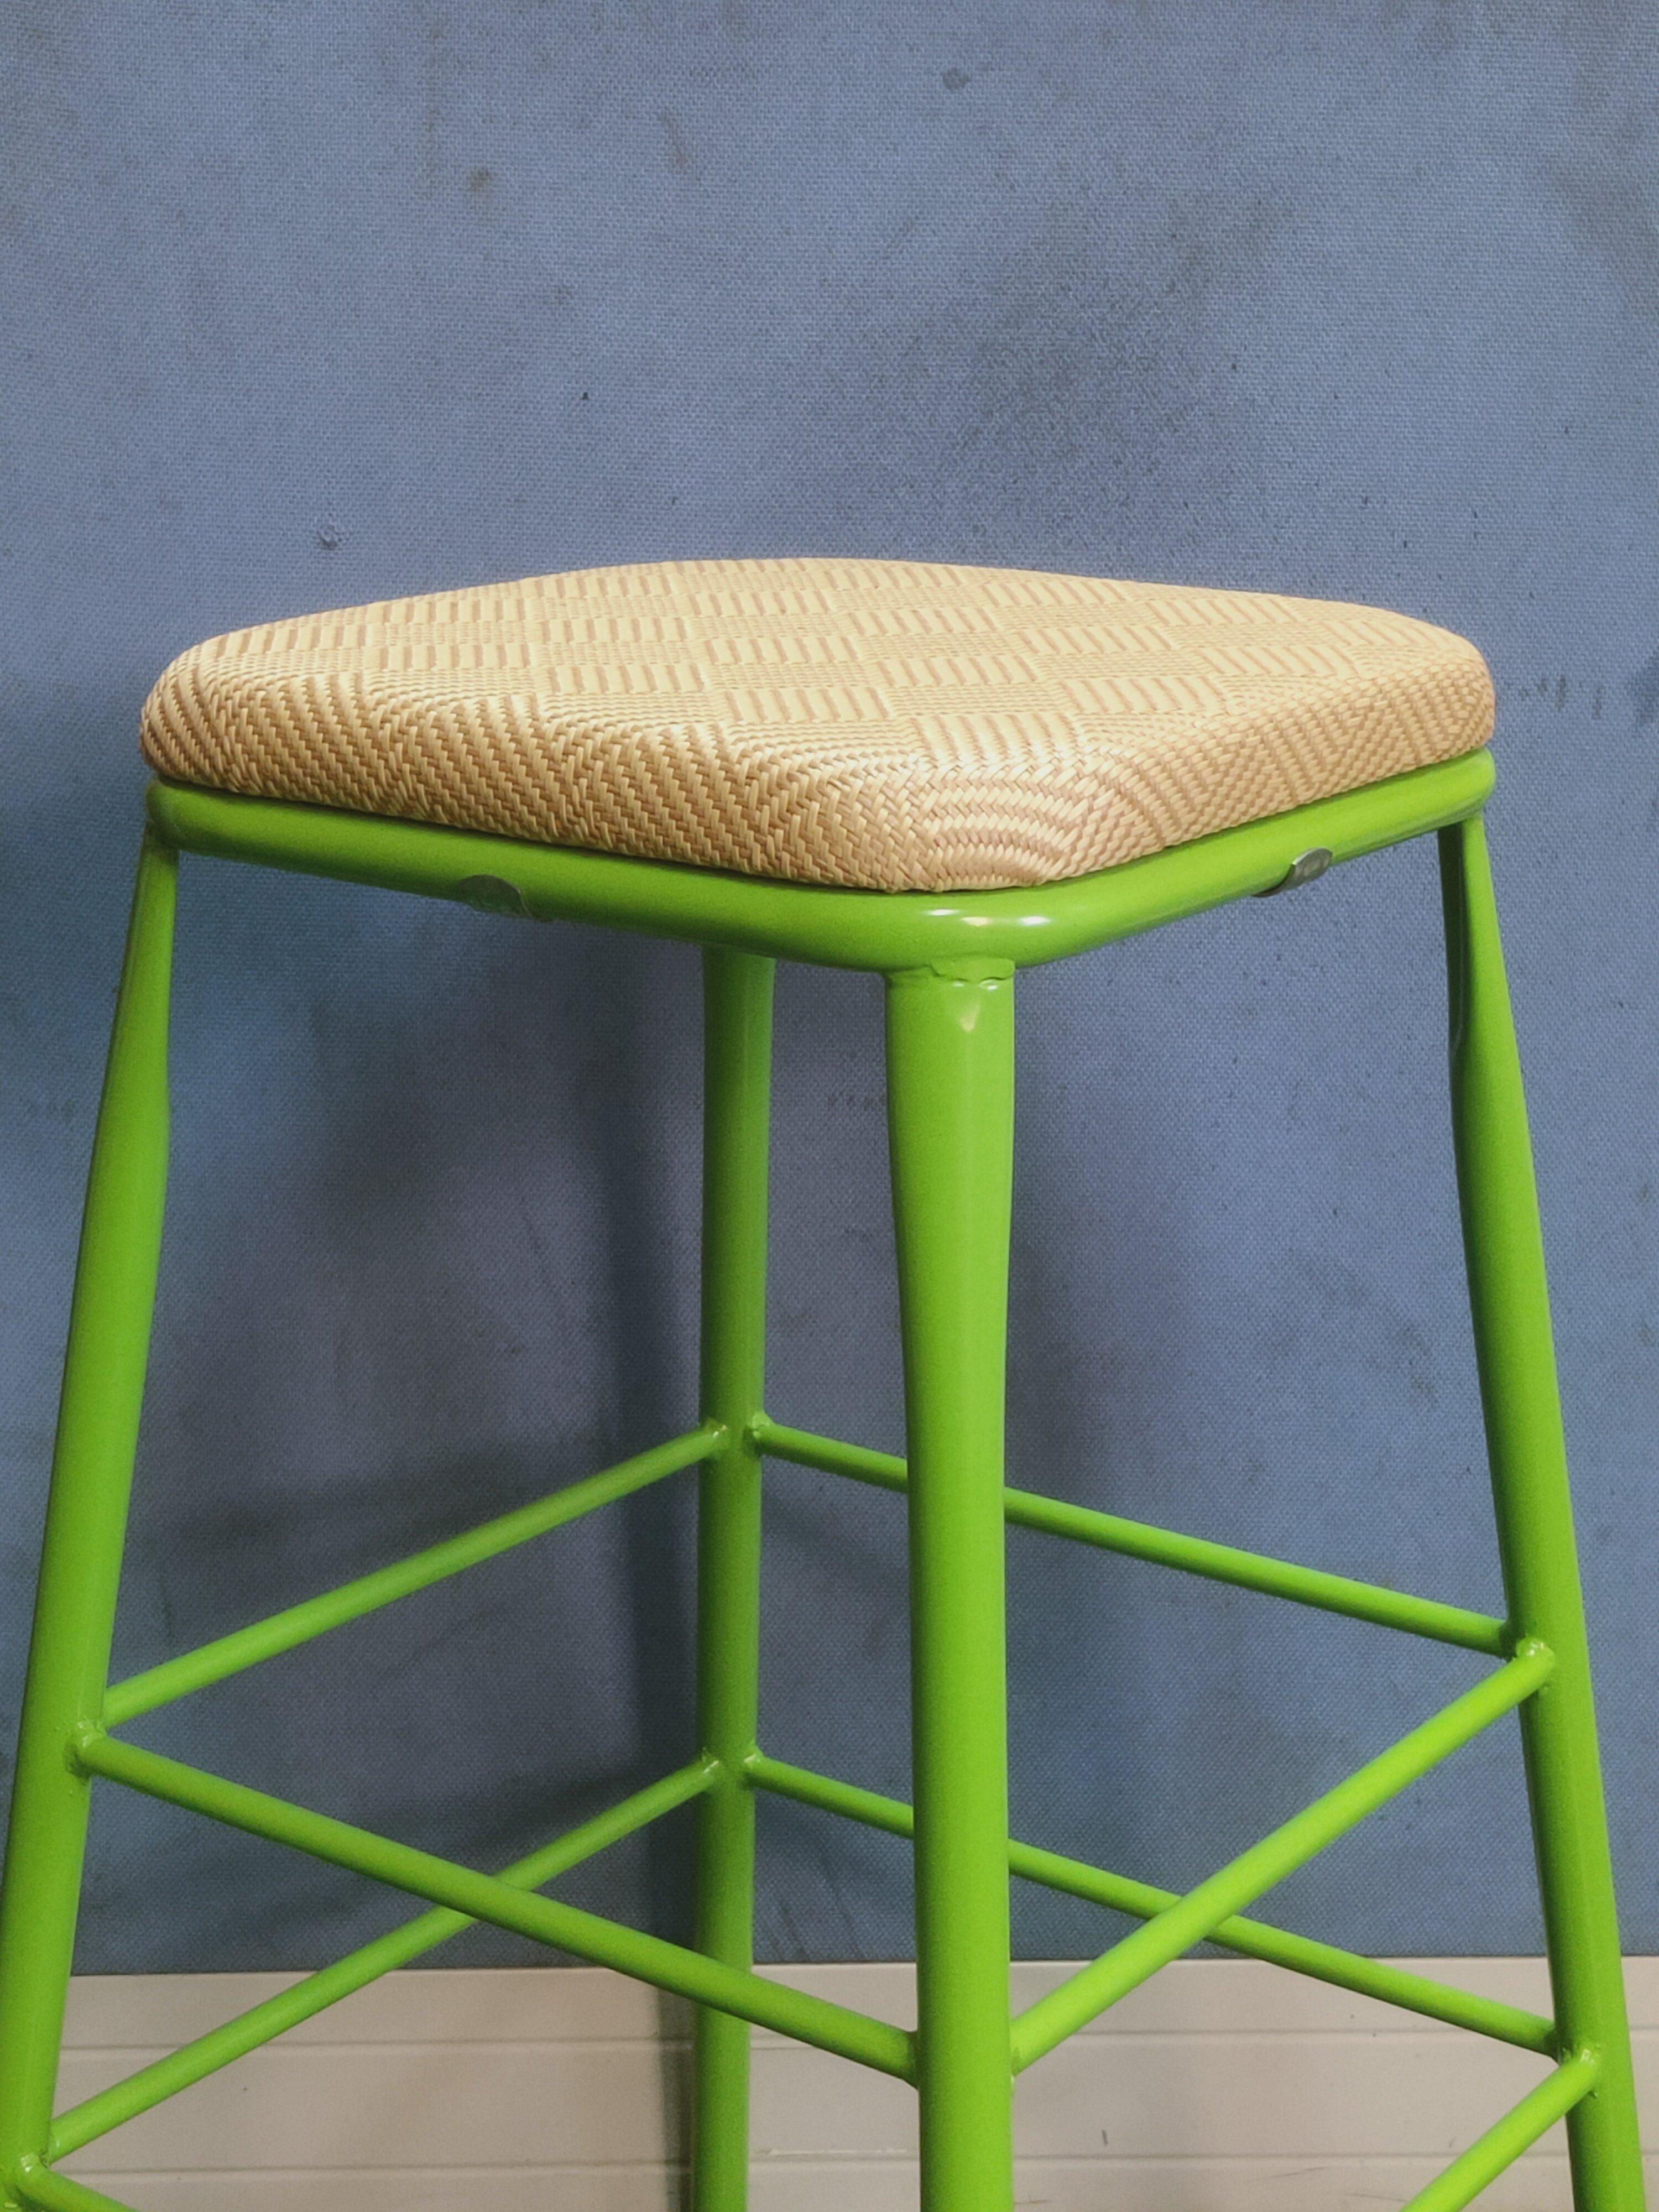 WU999藤椅工廠.藤工作椅自己動手換椅墊.自己動手換椅墊.自己換椅墊